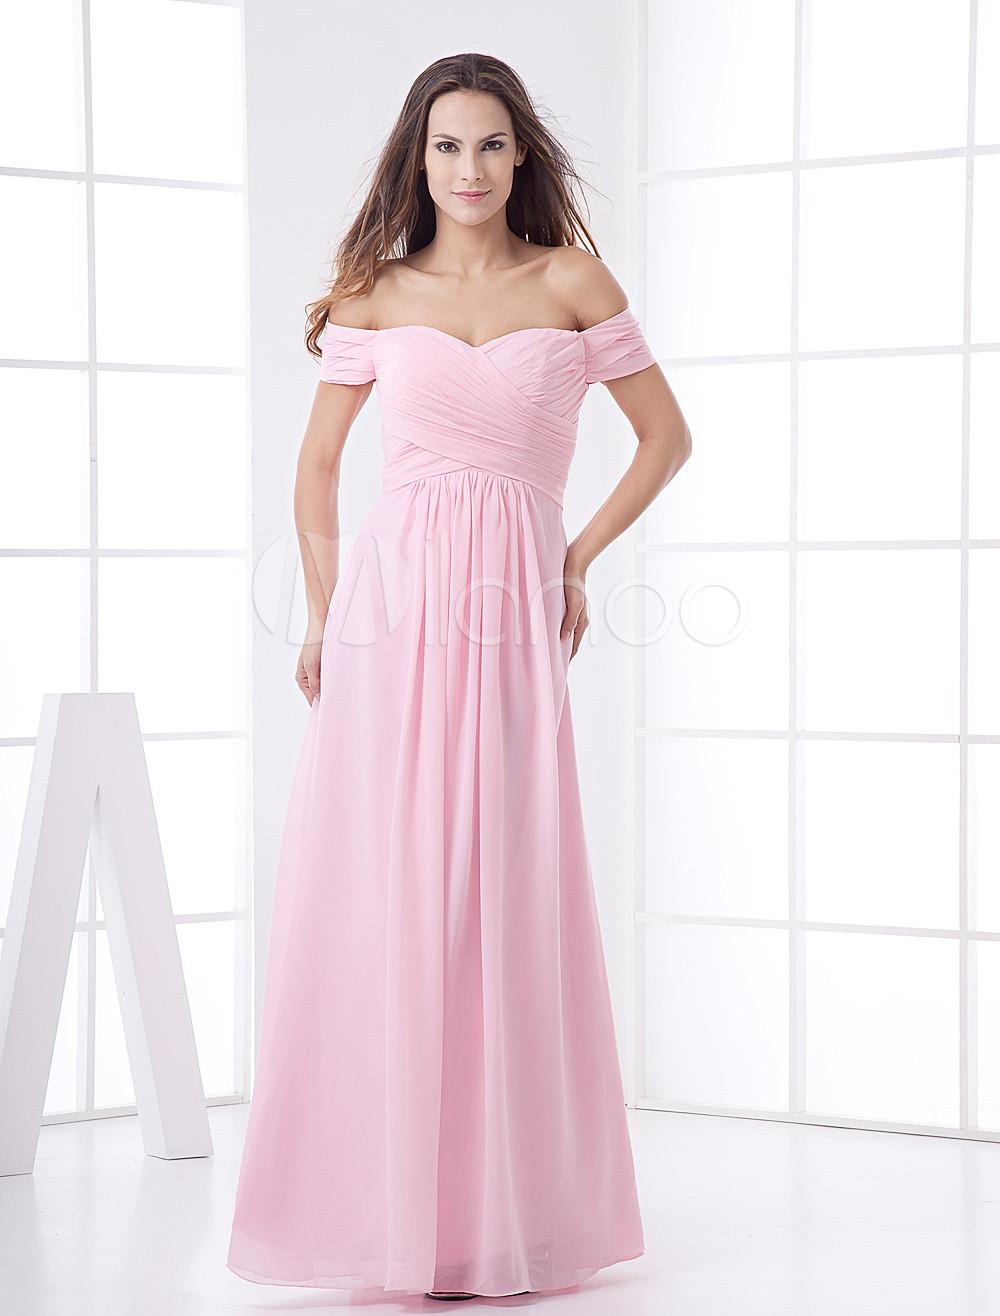 Glamorous Pink Chiffon A-line Maxi Bridesmaid Dress